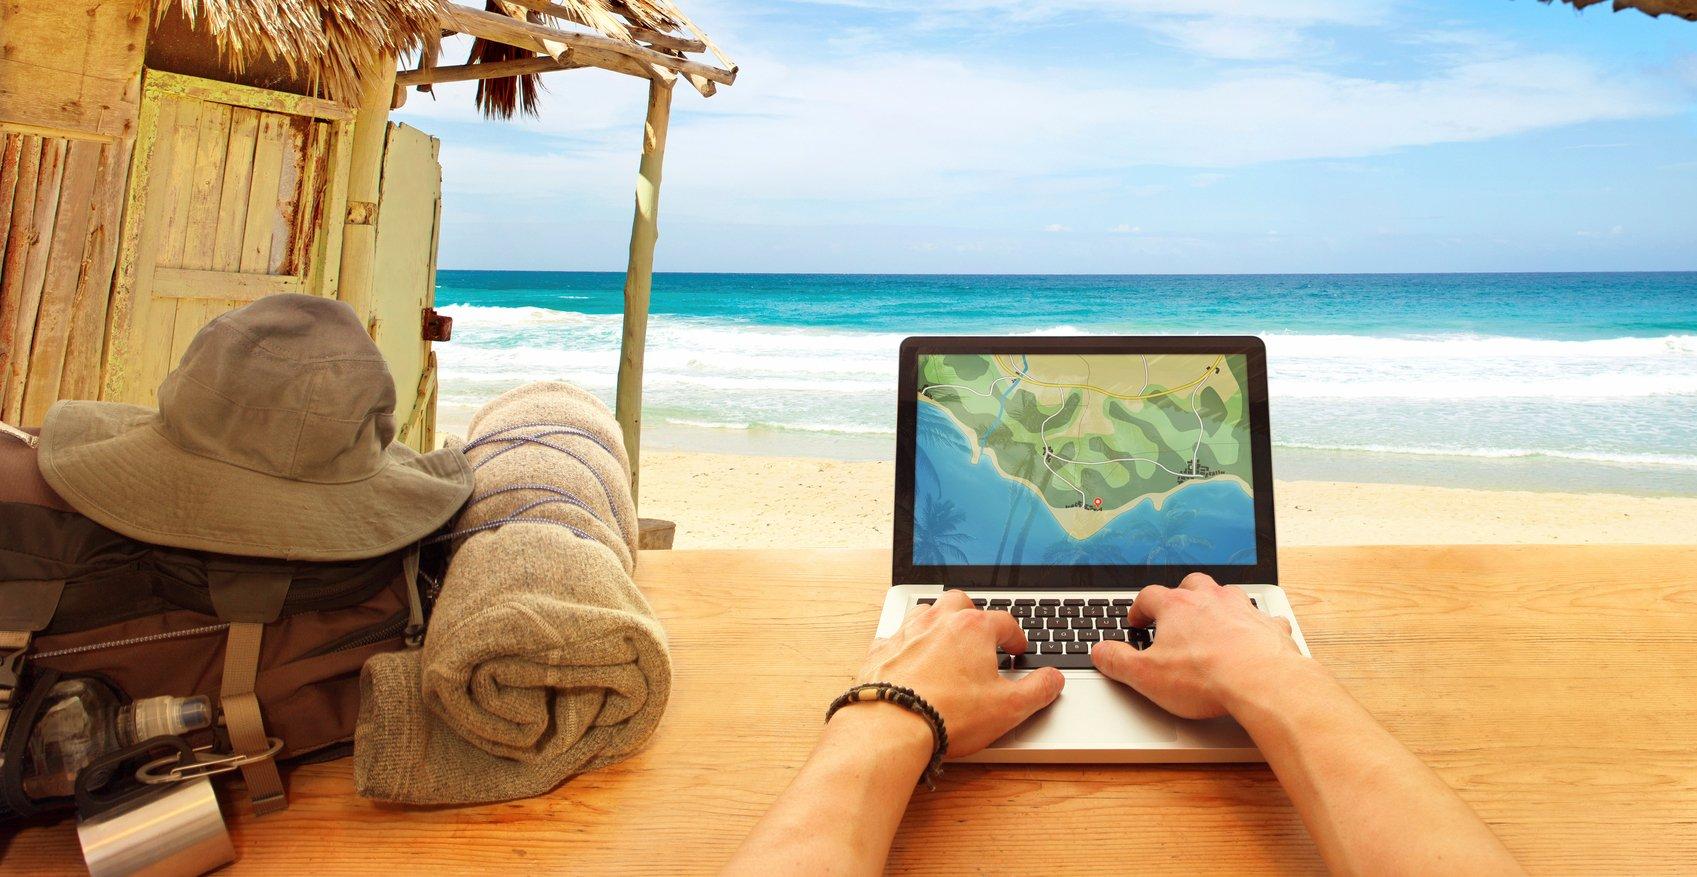 картинки на компьютер отдых сможете подобрать